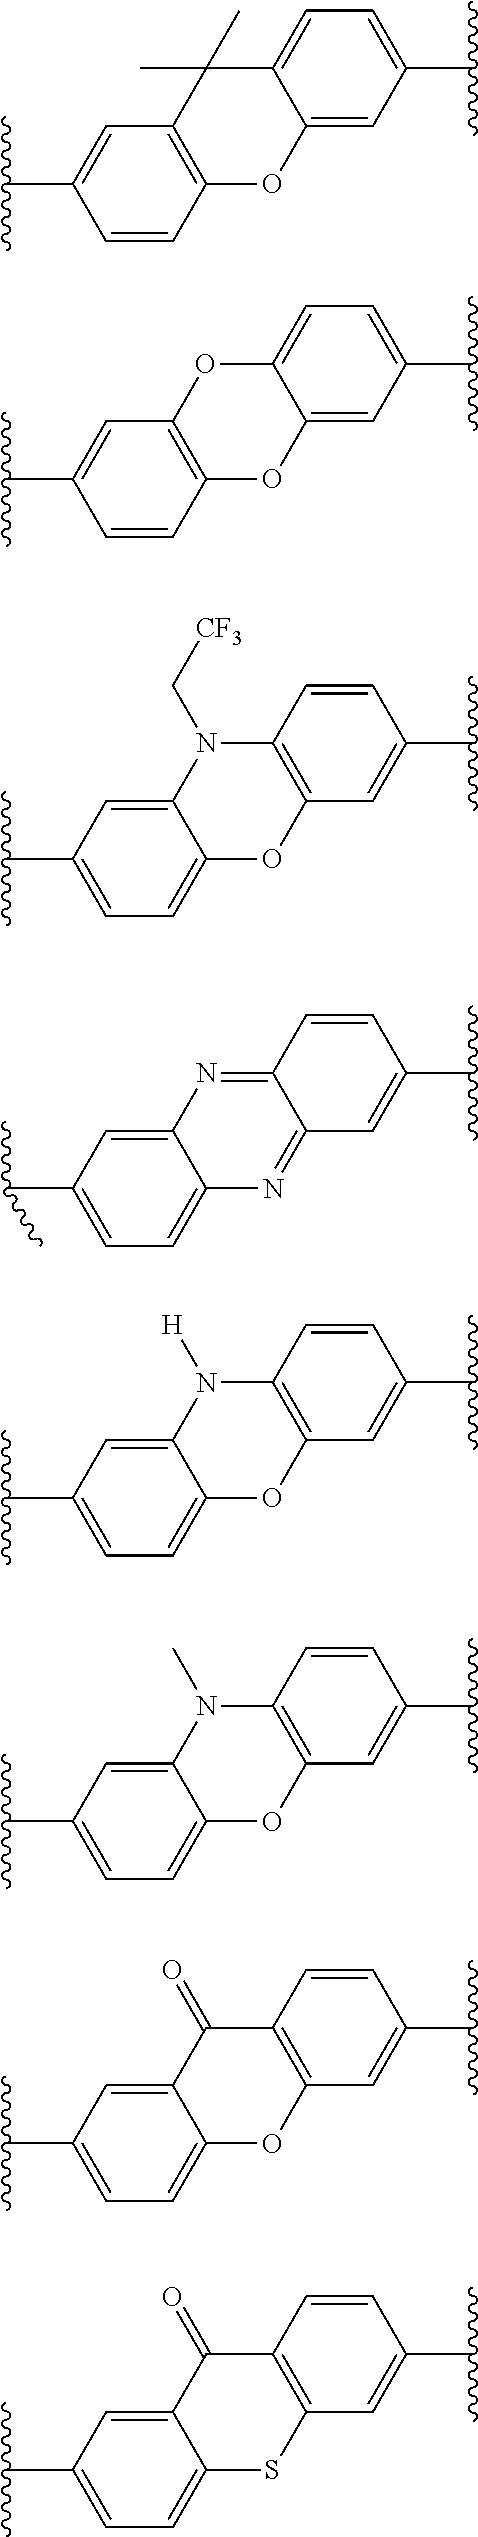 Figure US08822430-20140902-C00110